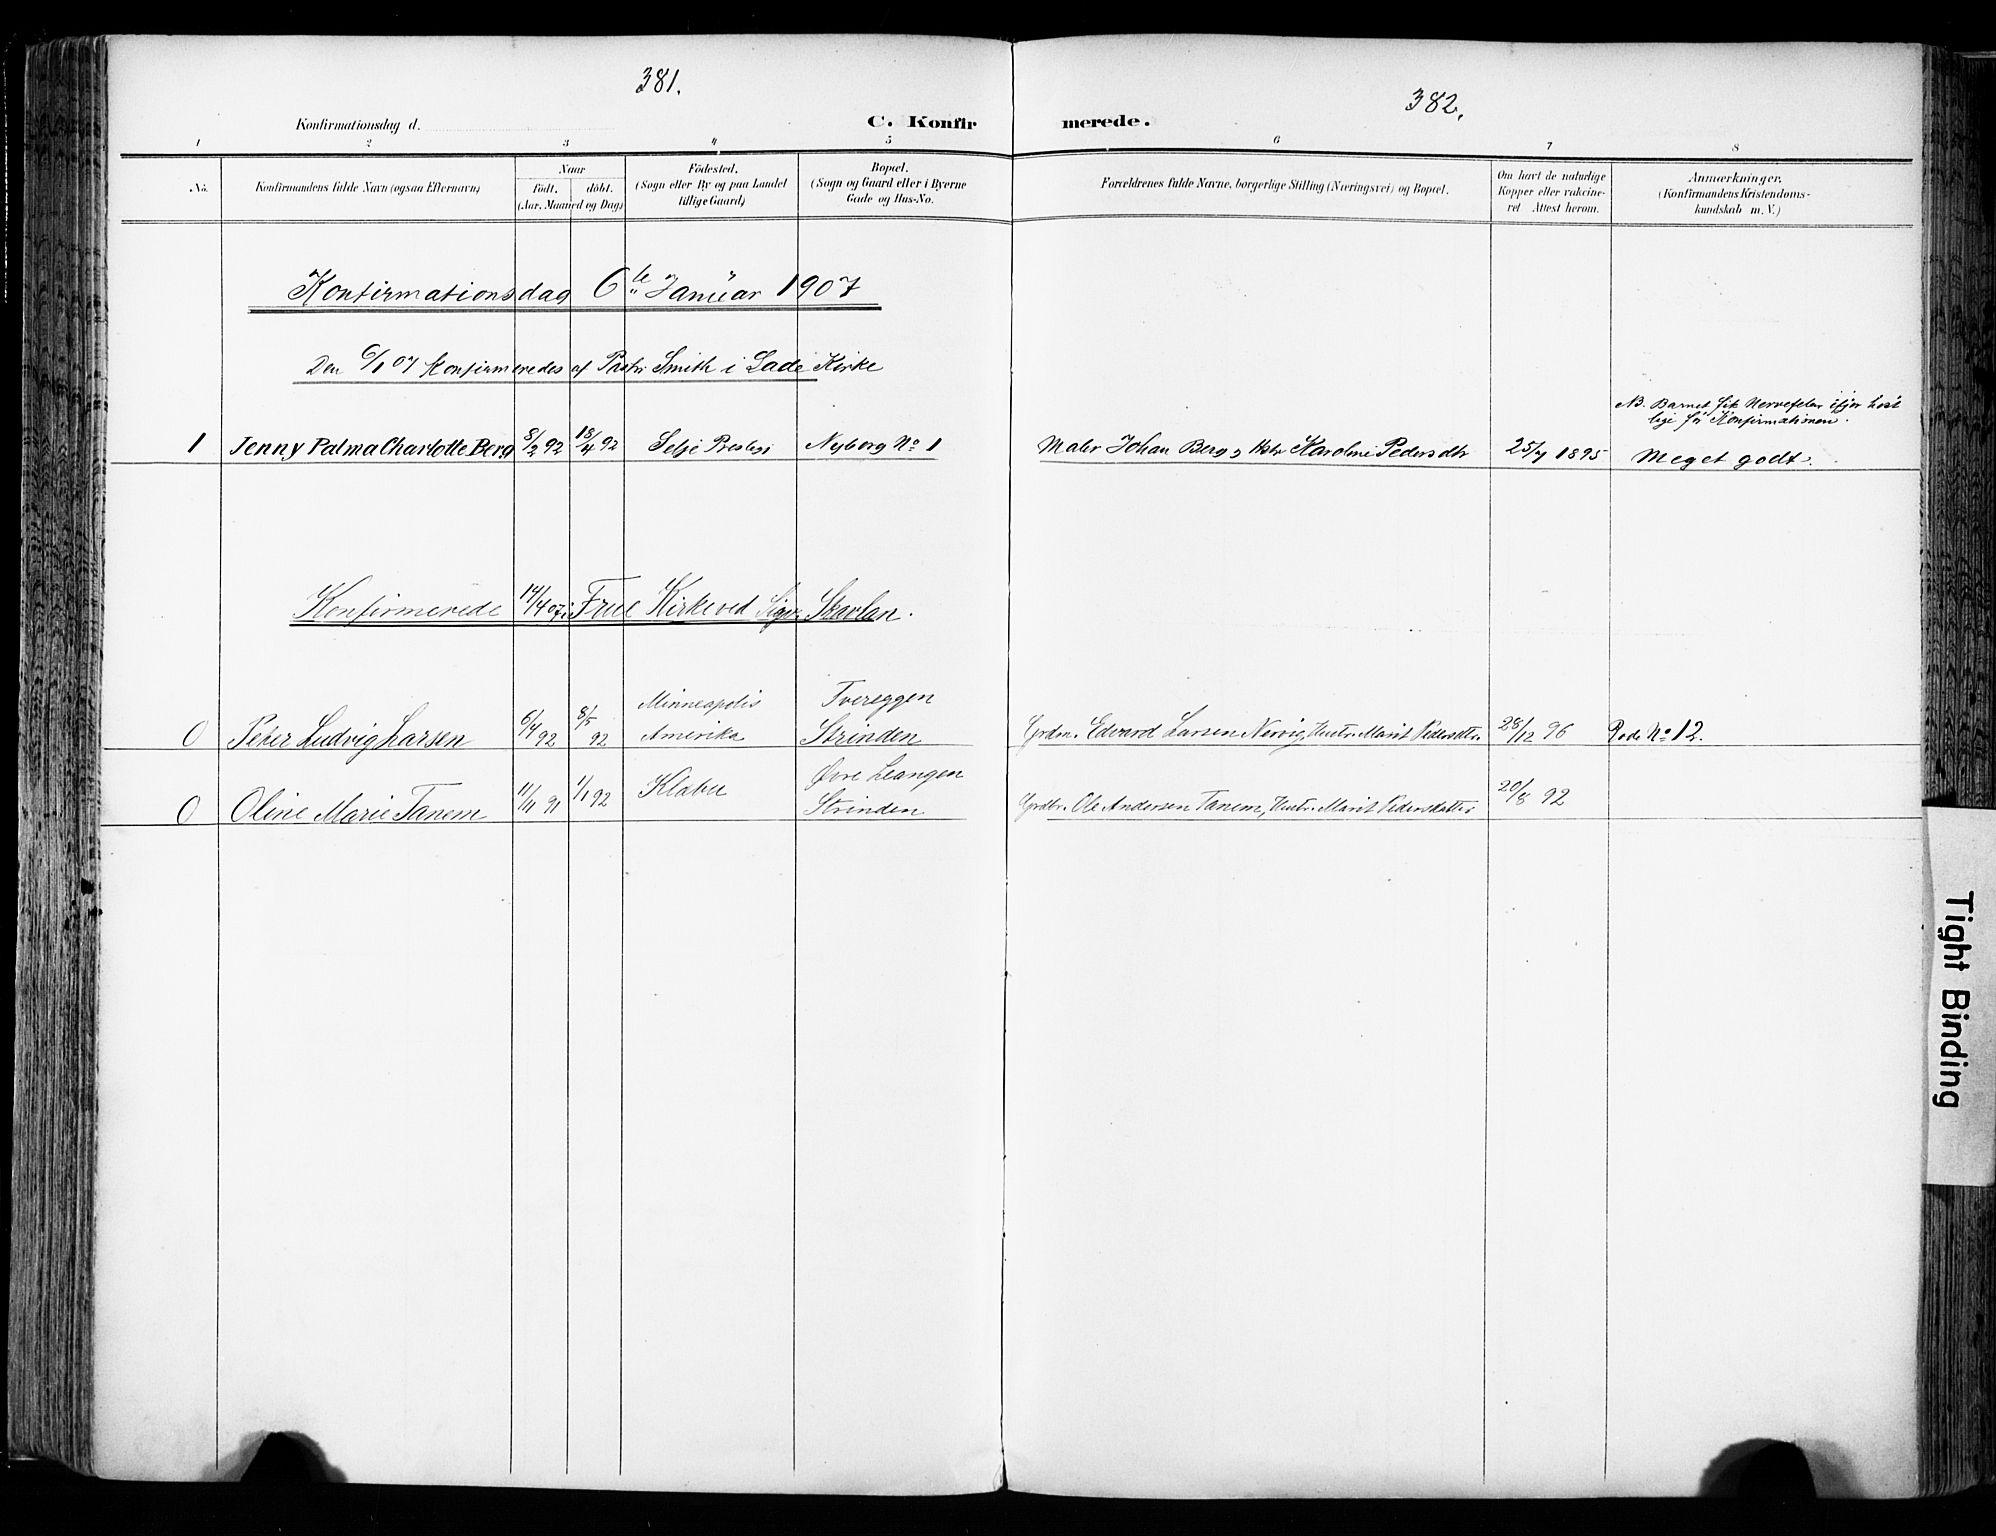 SAT, Ministerialprotokoller, klokkerbøker og fødselsregistre - Sør-Trøndelag, 606/L0301: Ministerialbok nr. 606A16, 1894-1907, s. 381-382